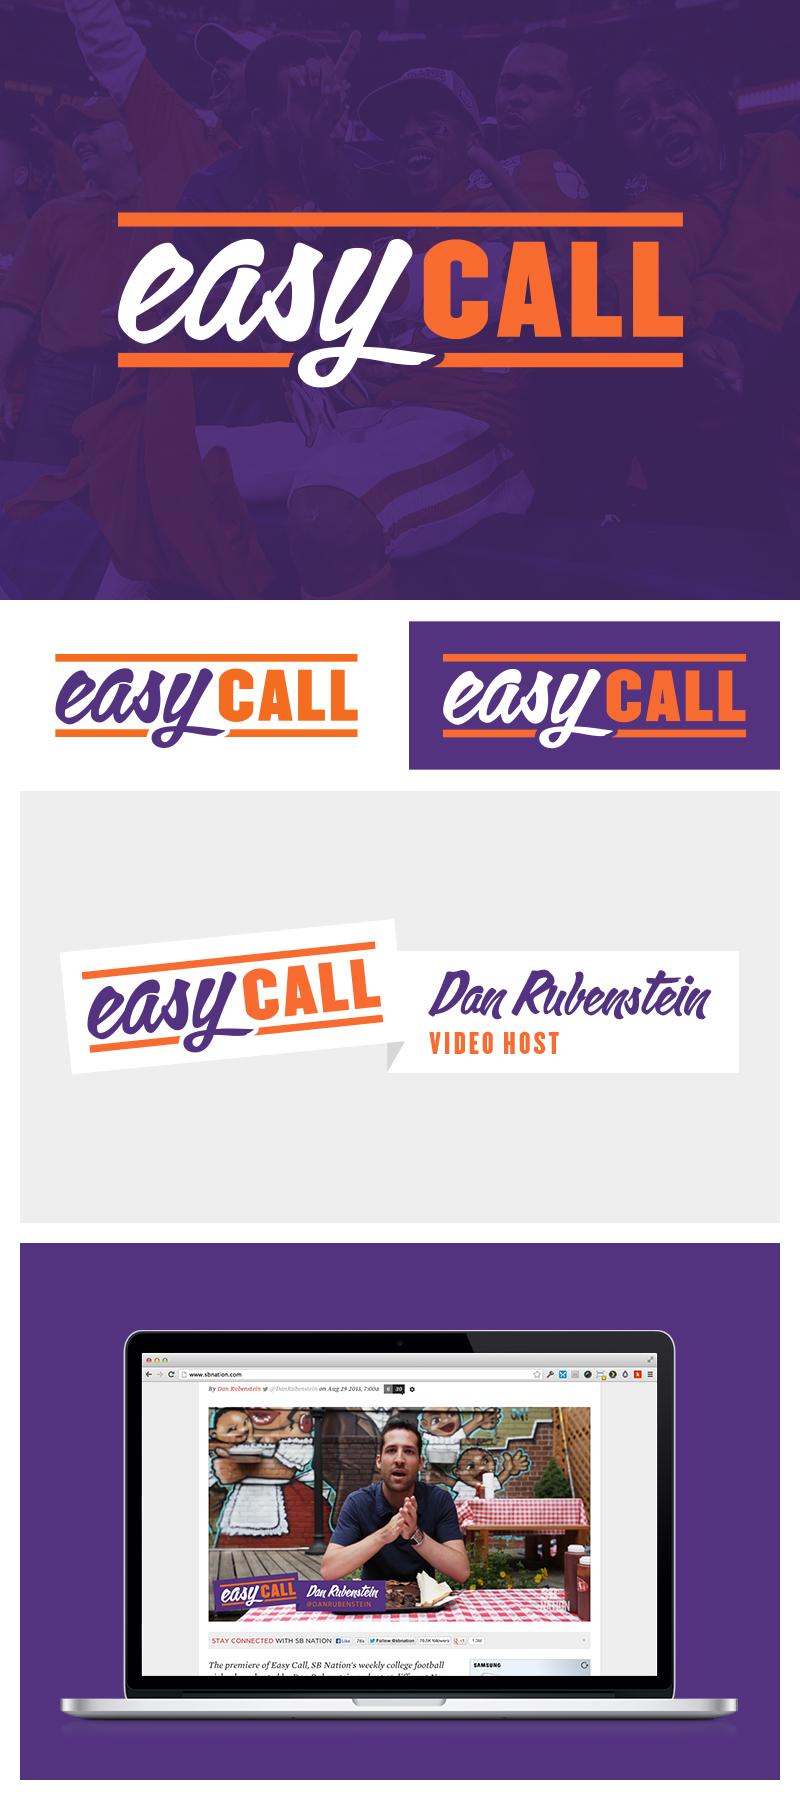 Easycall branding